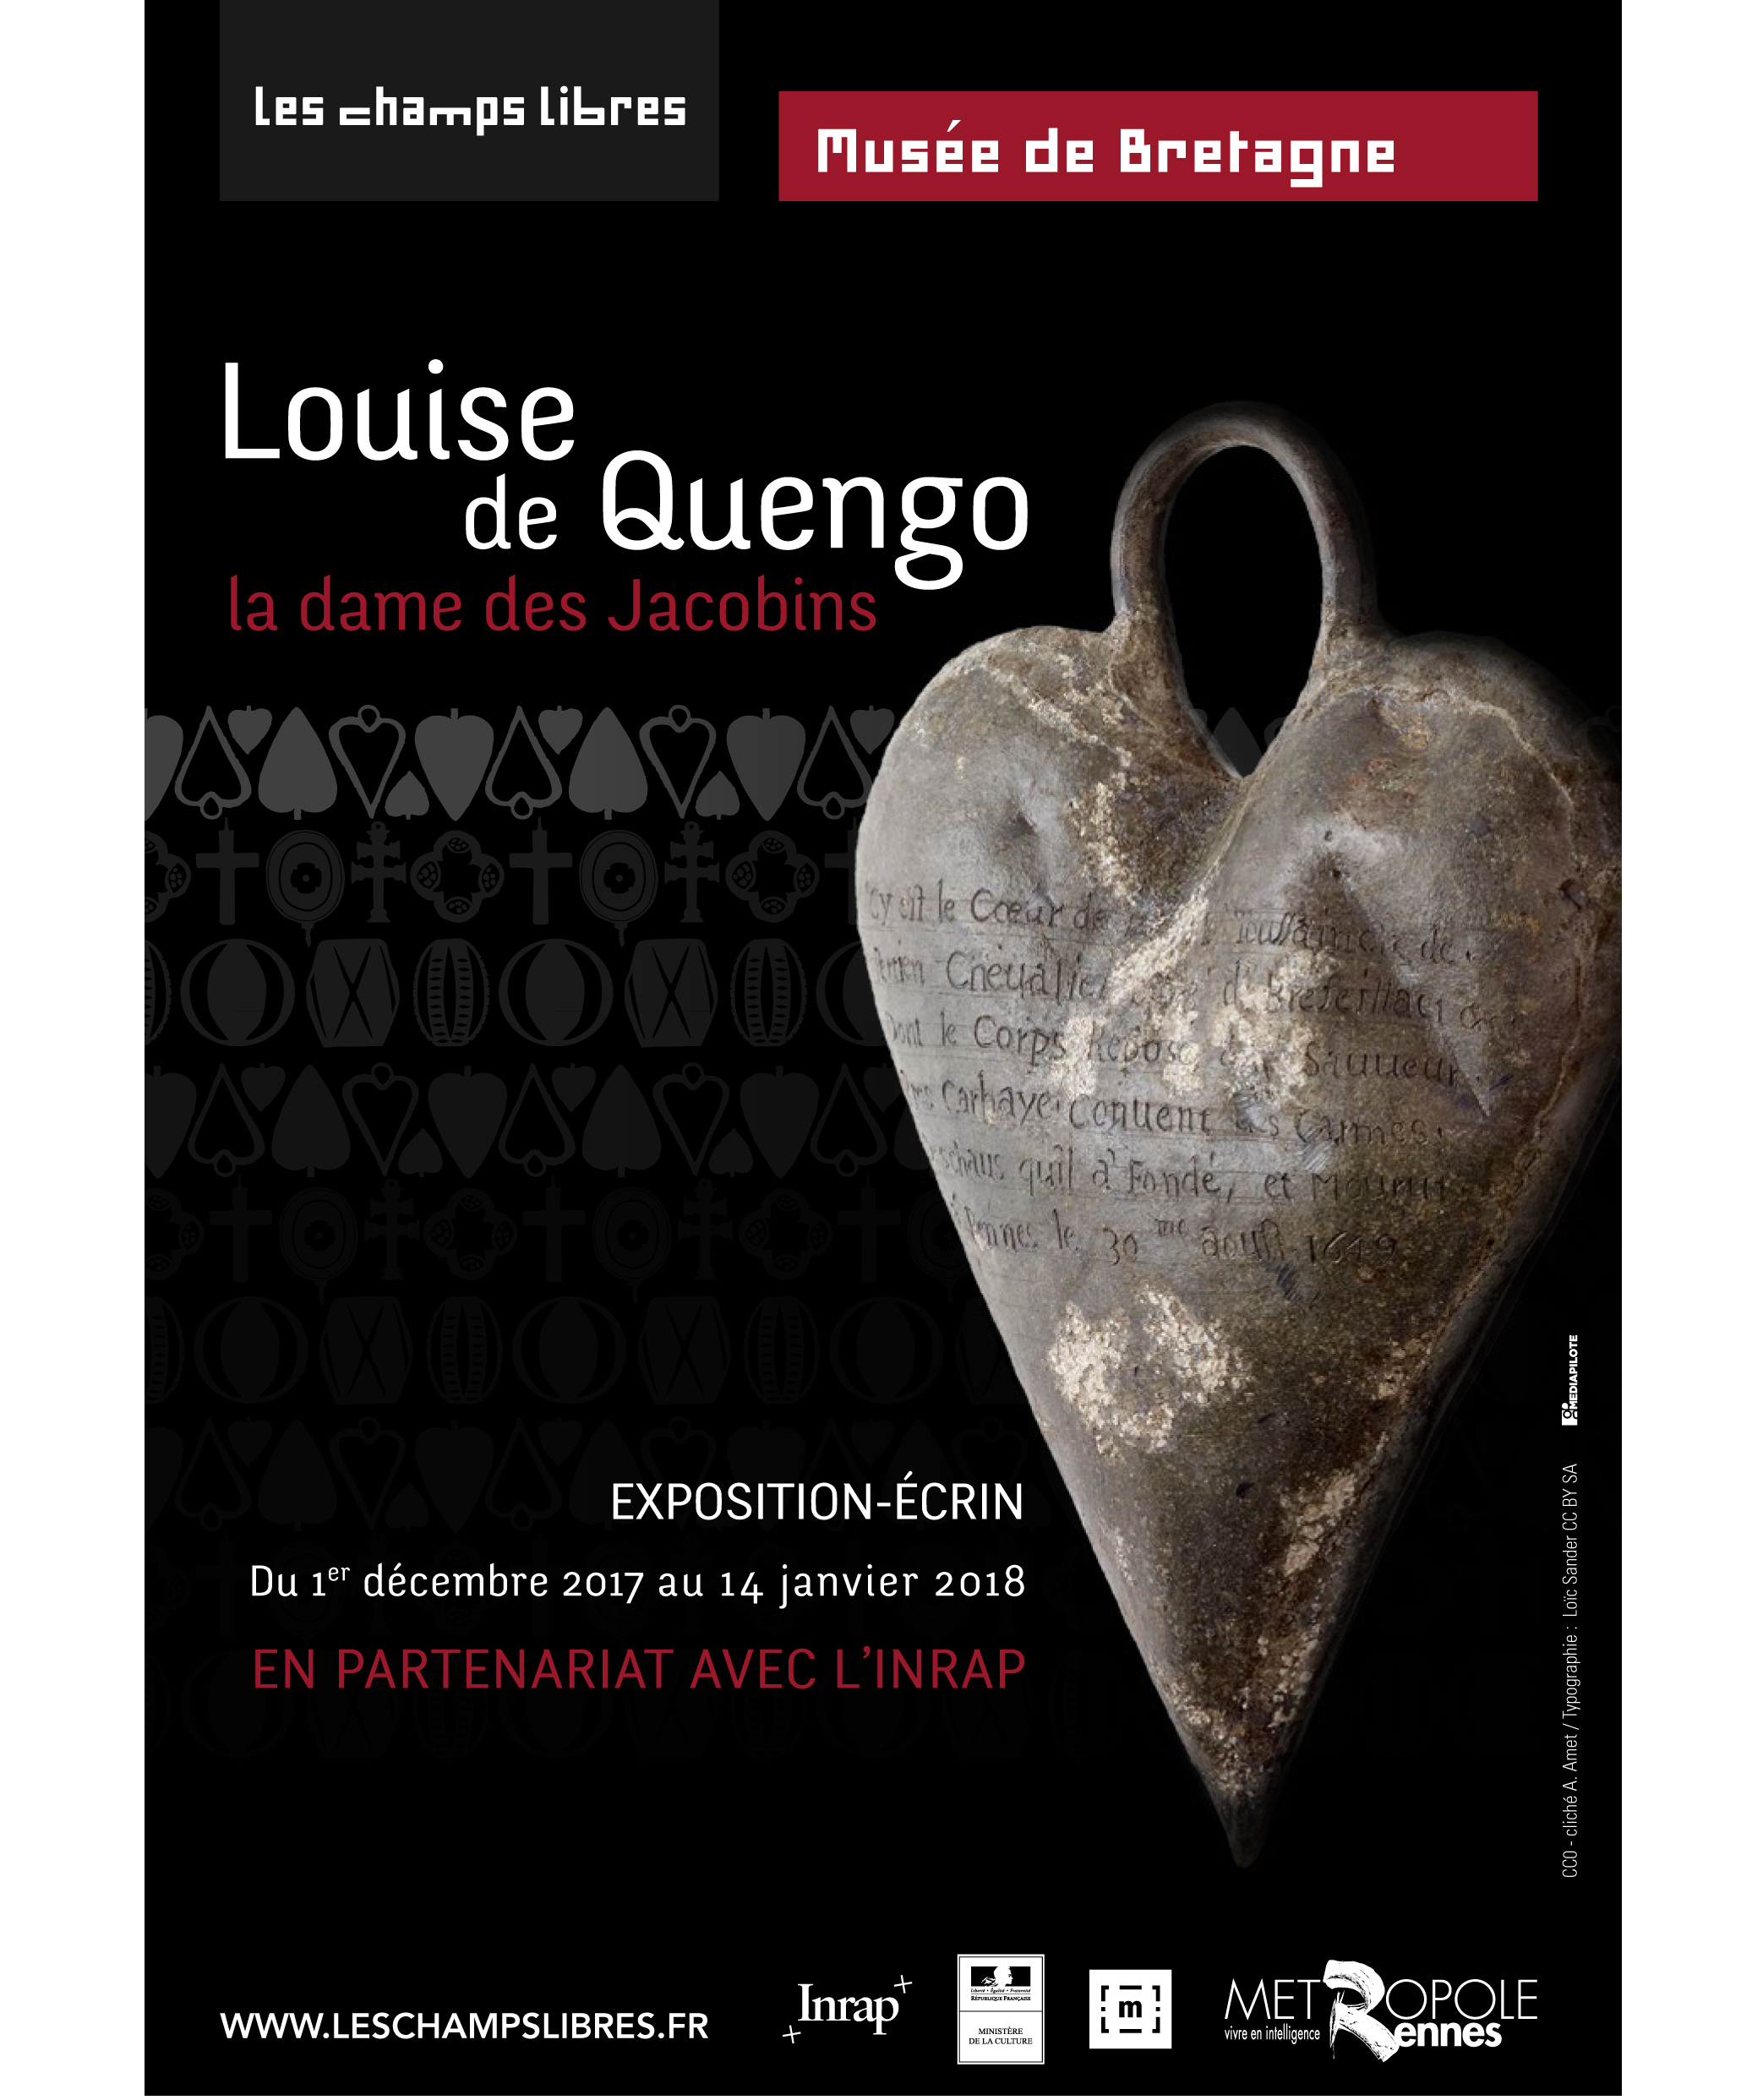 Louise de Quengo